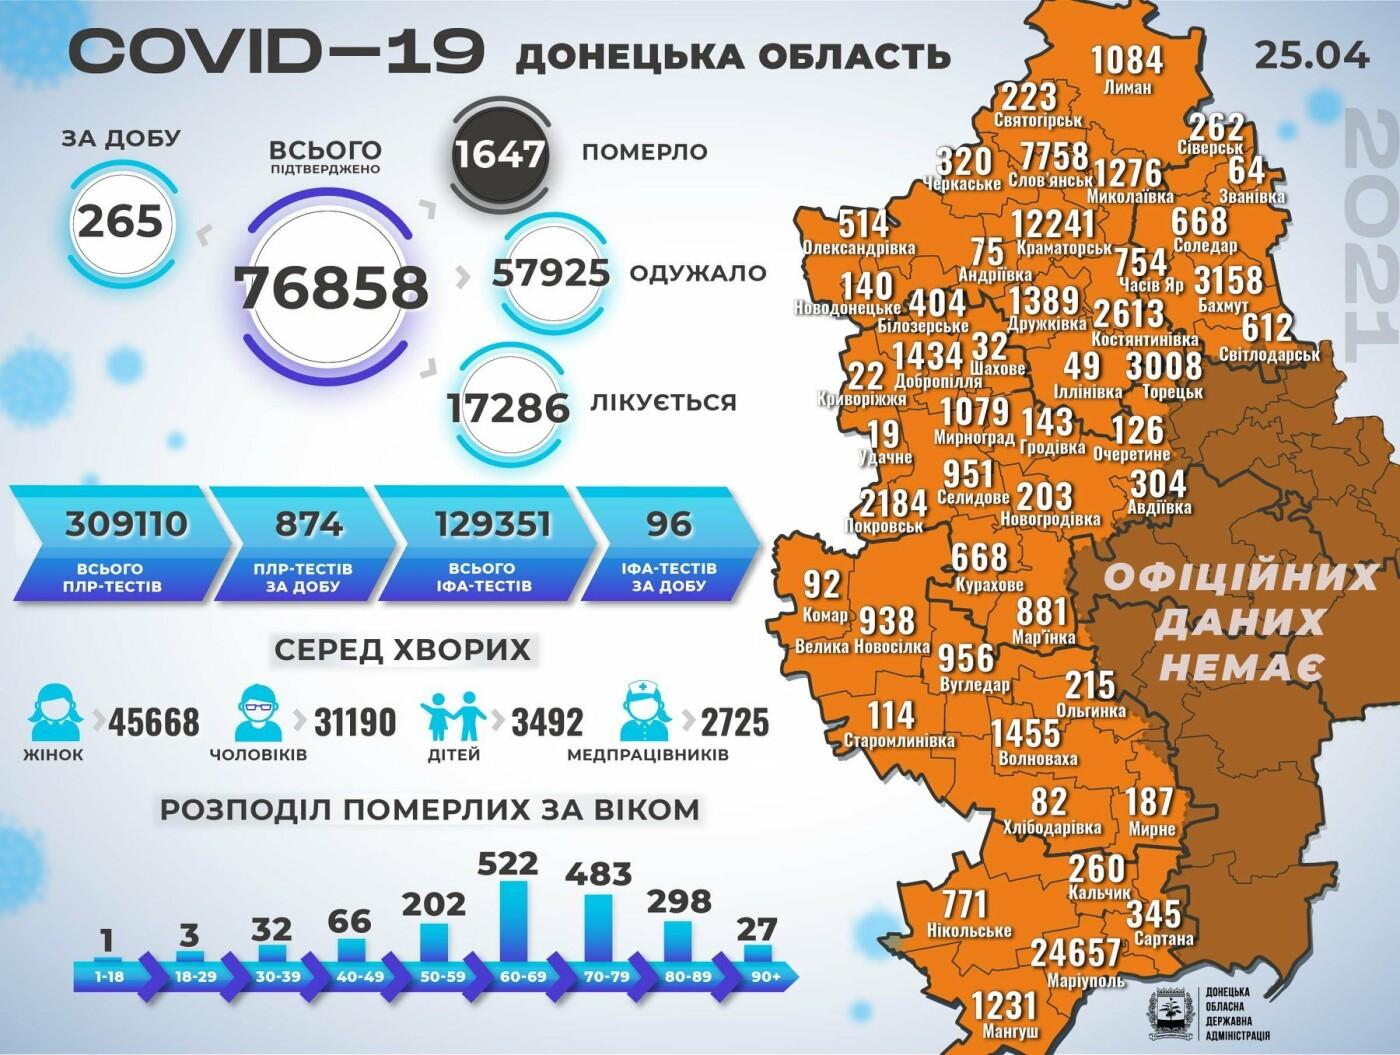 В Донецкой области 265 новых случаев коронавируса, фото-1